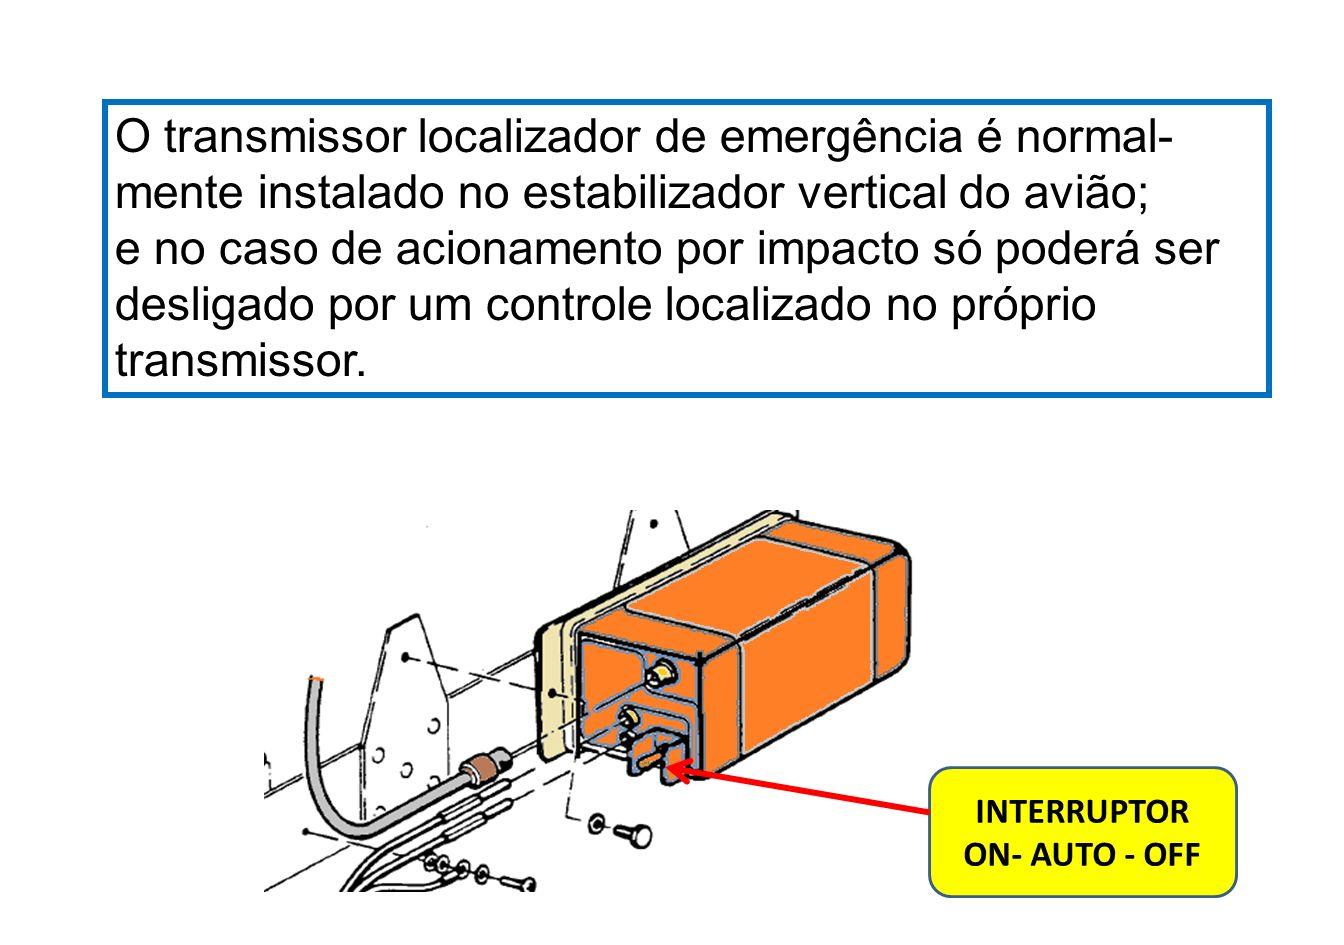 O transmissor de emergência é equipado com um interruptor de três posições (ON – AUTO – OFF), uma bateria e um interruptor de impacto.